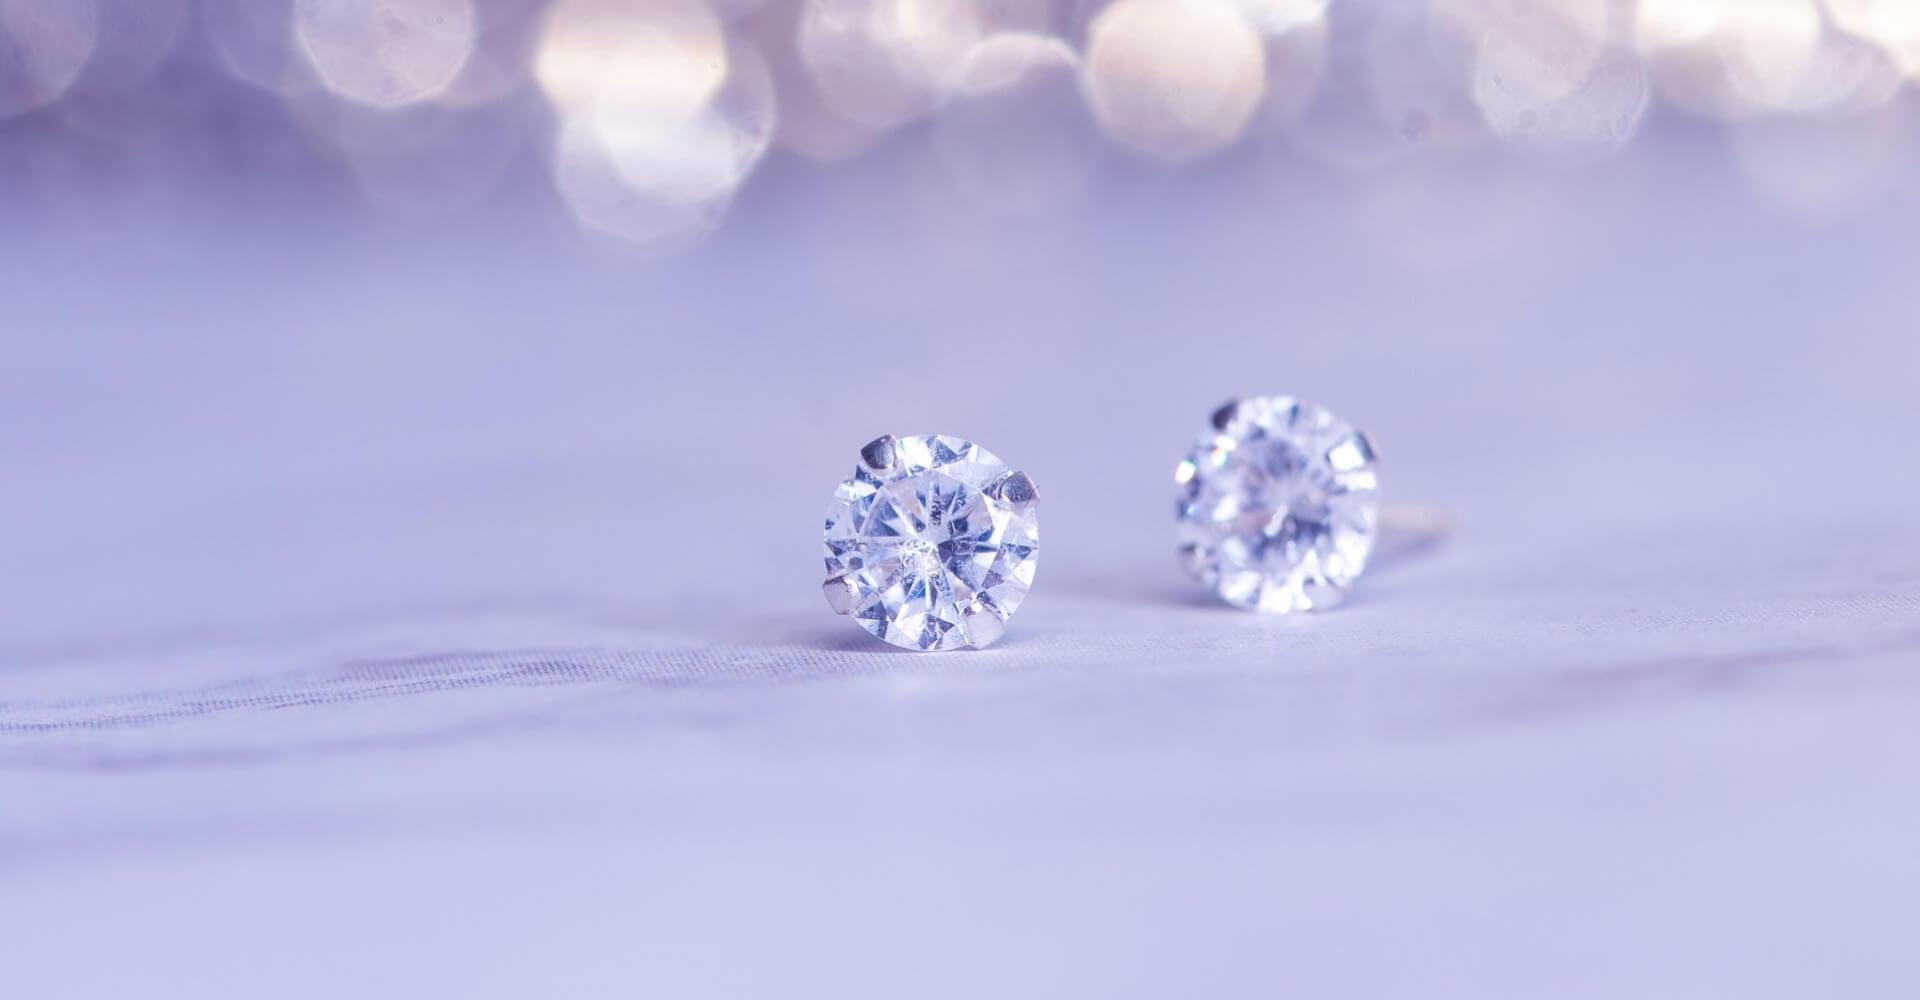 jak wybrać biżuterię?